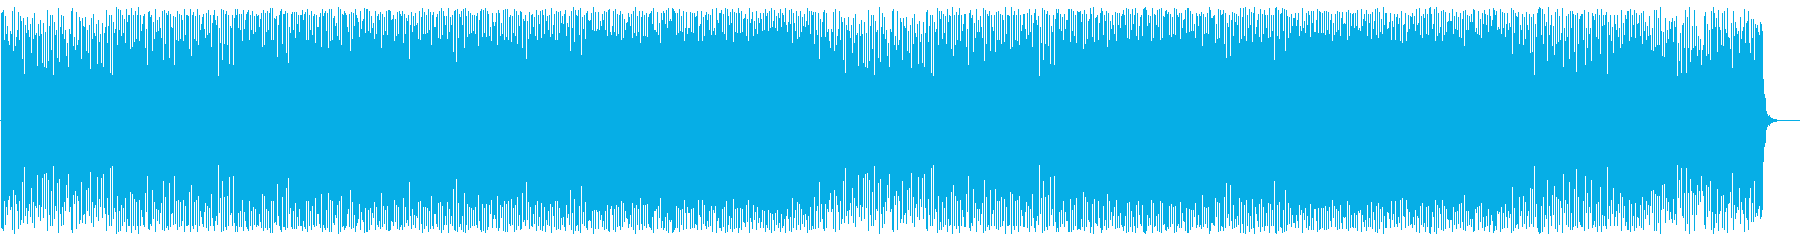 4つ打ちの気持ちの良いボサノバハウスの再生済みの波形